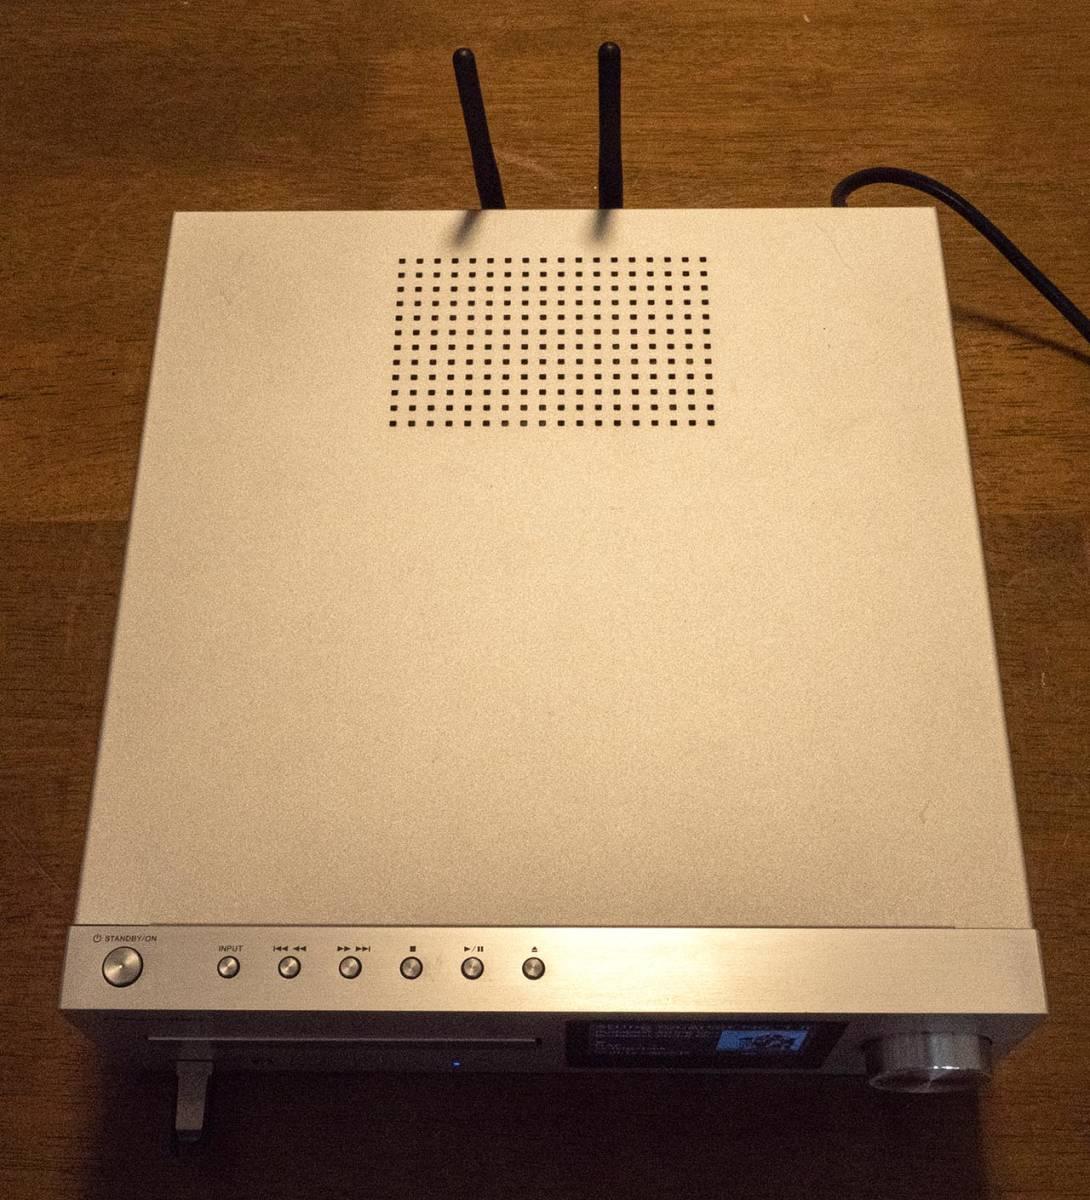 2018年製 Pioneer HM76 ネットワークCDレシーバー 美品_画像2